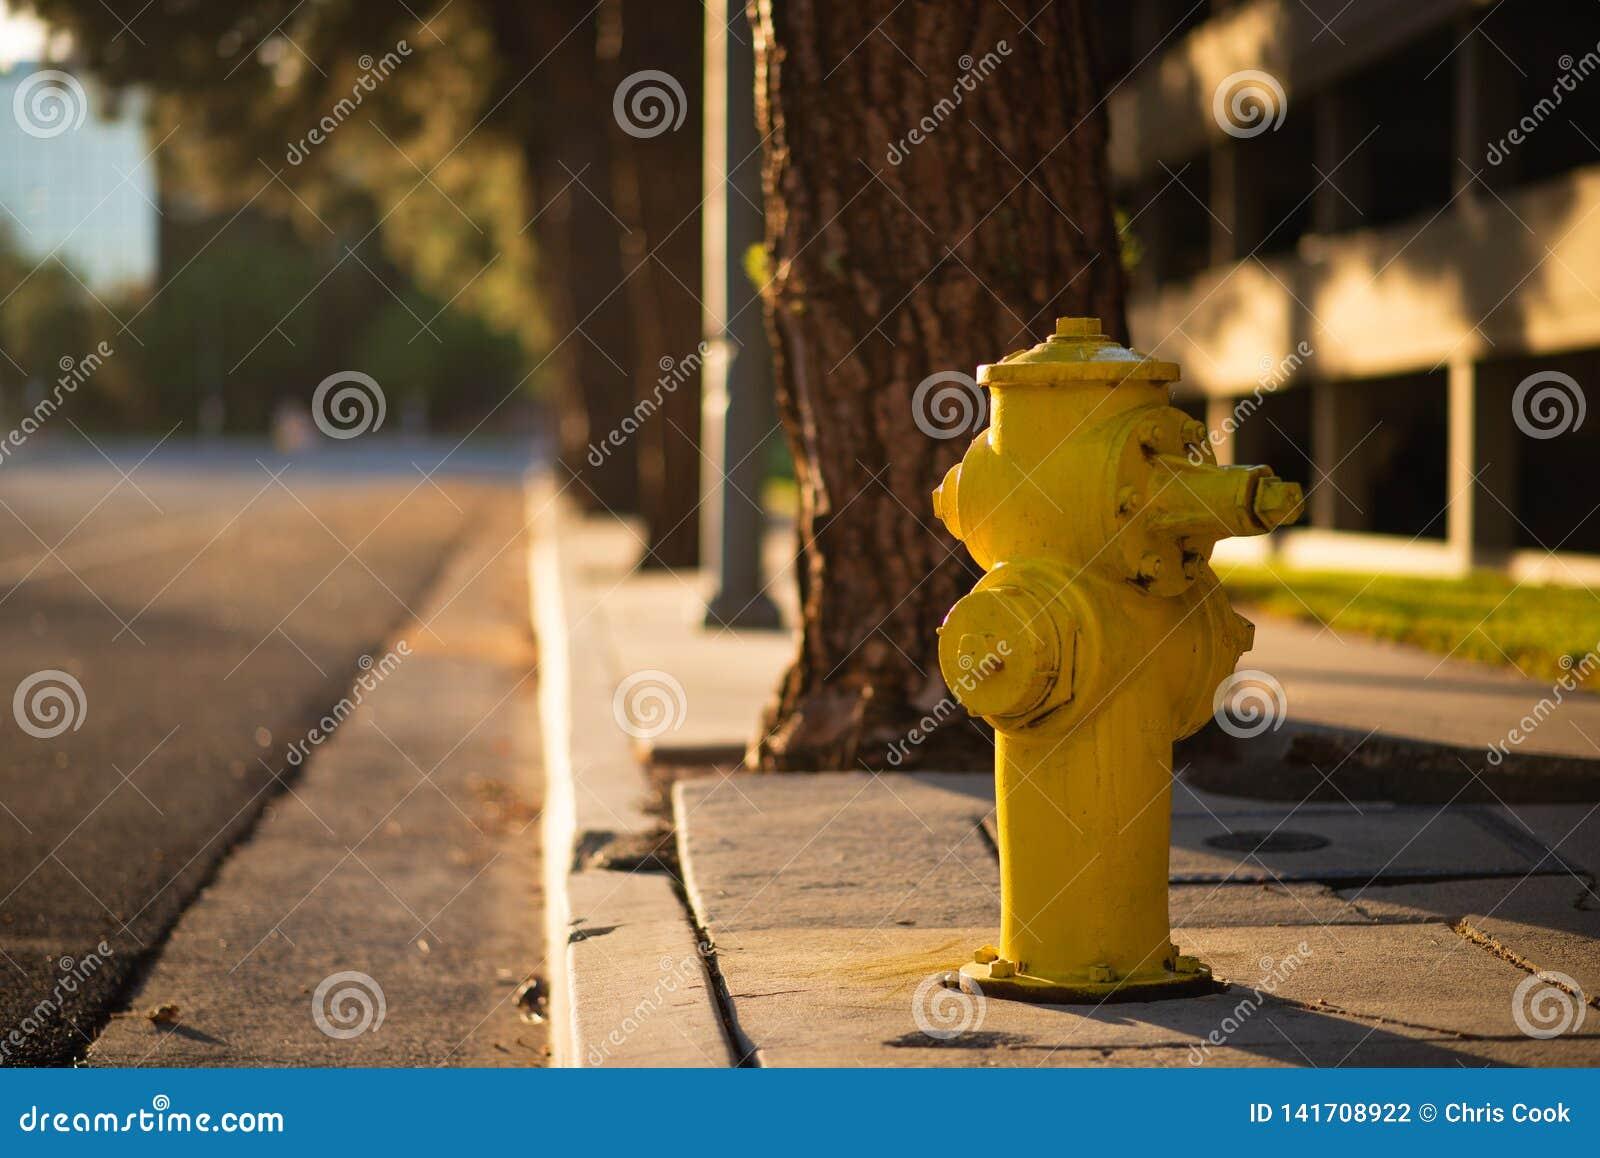 Een gele Hydrant naast de kant van een weg tijdens zonsondergang in La, Amerika